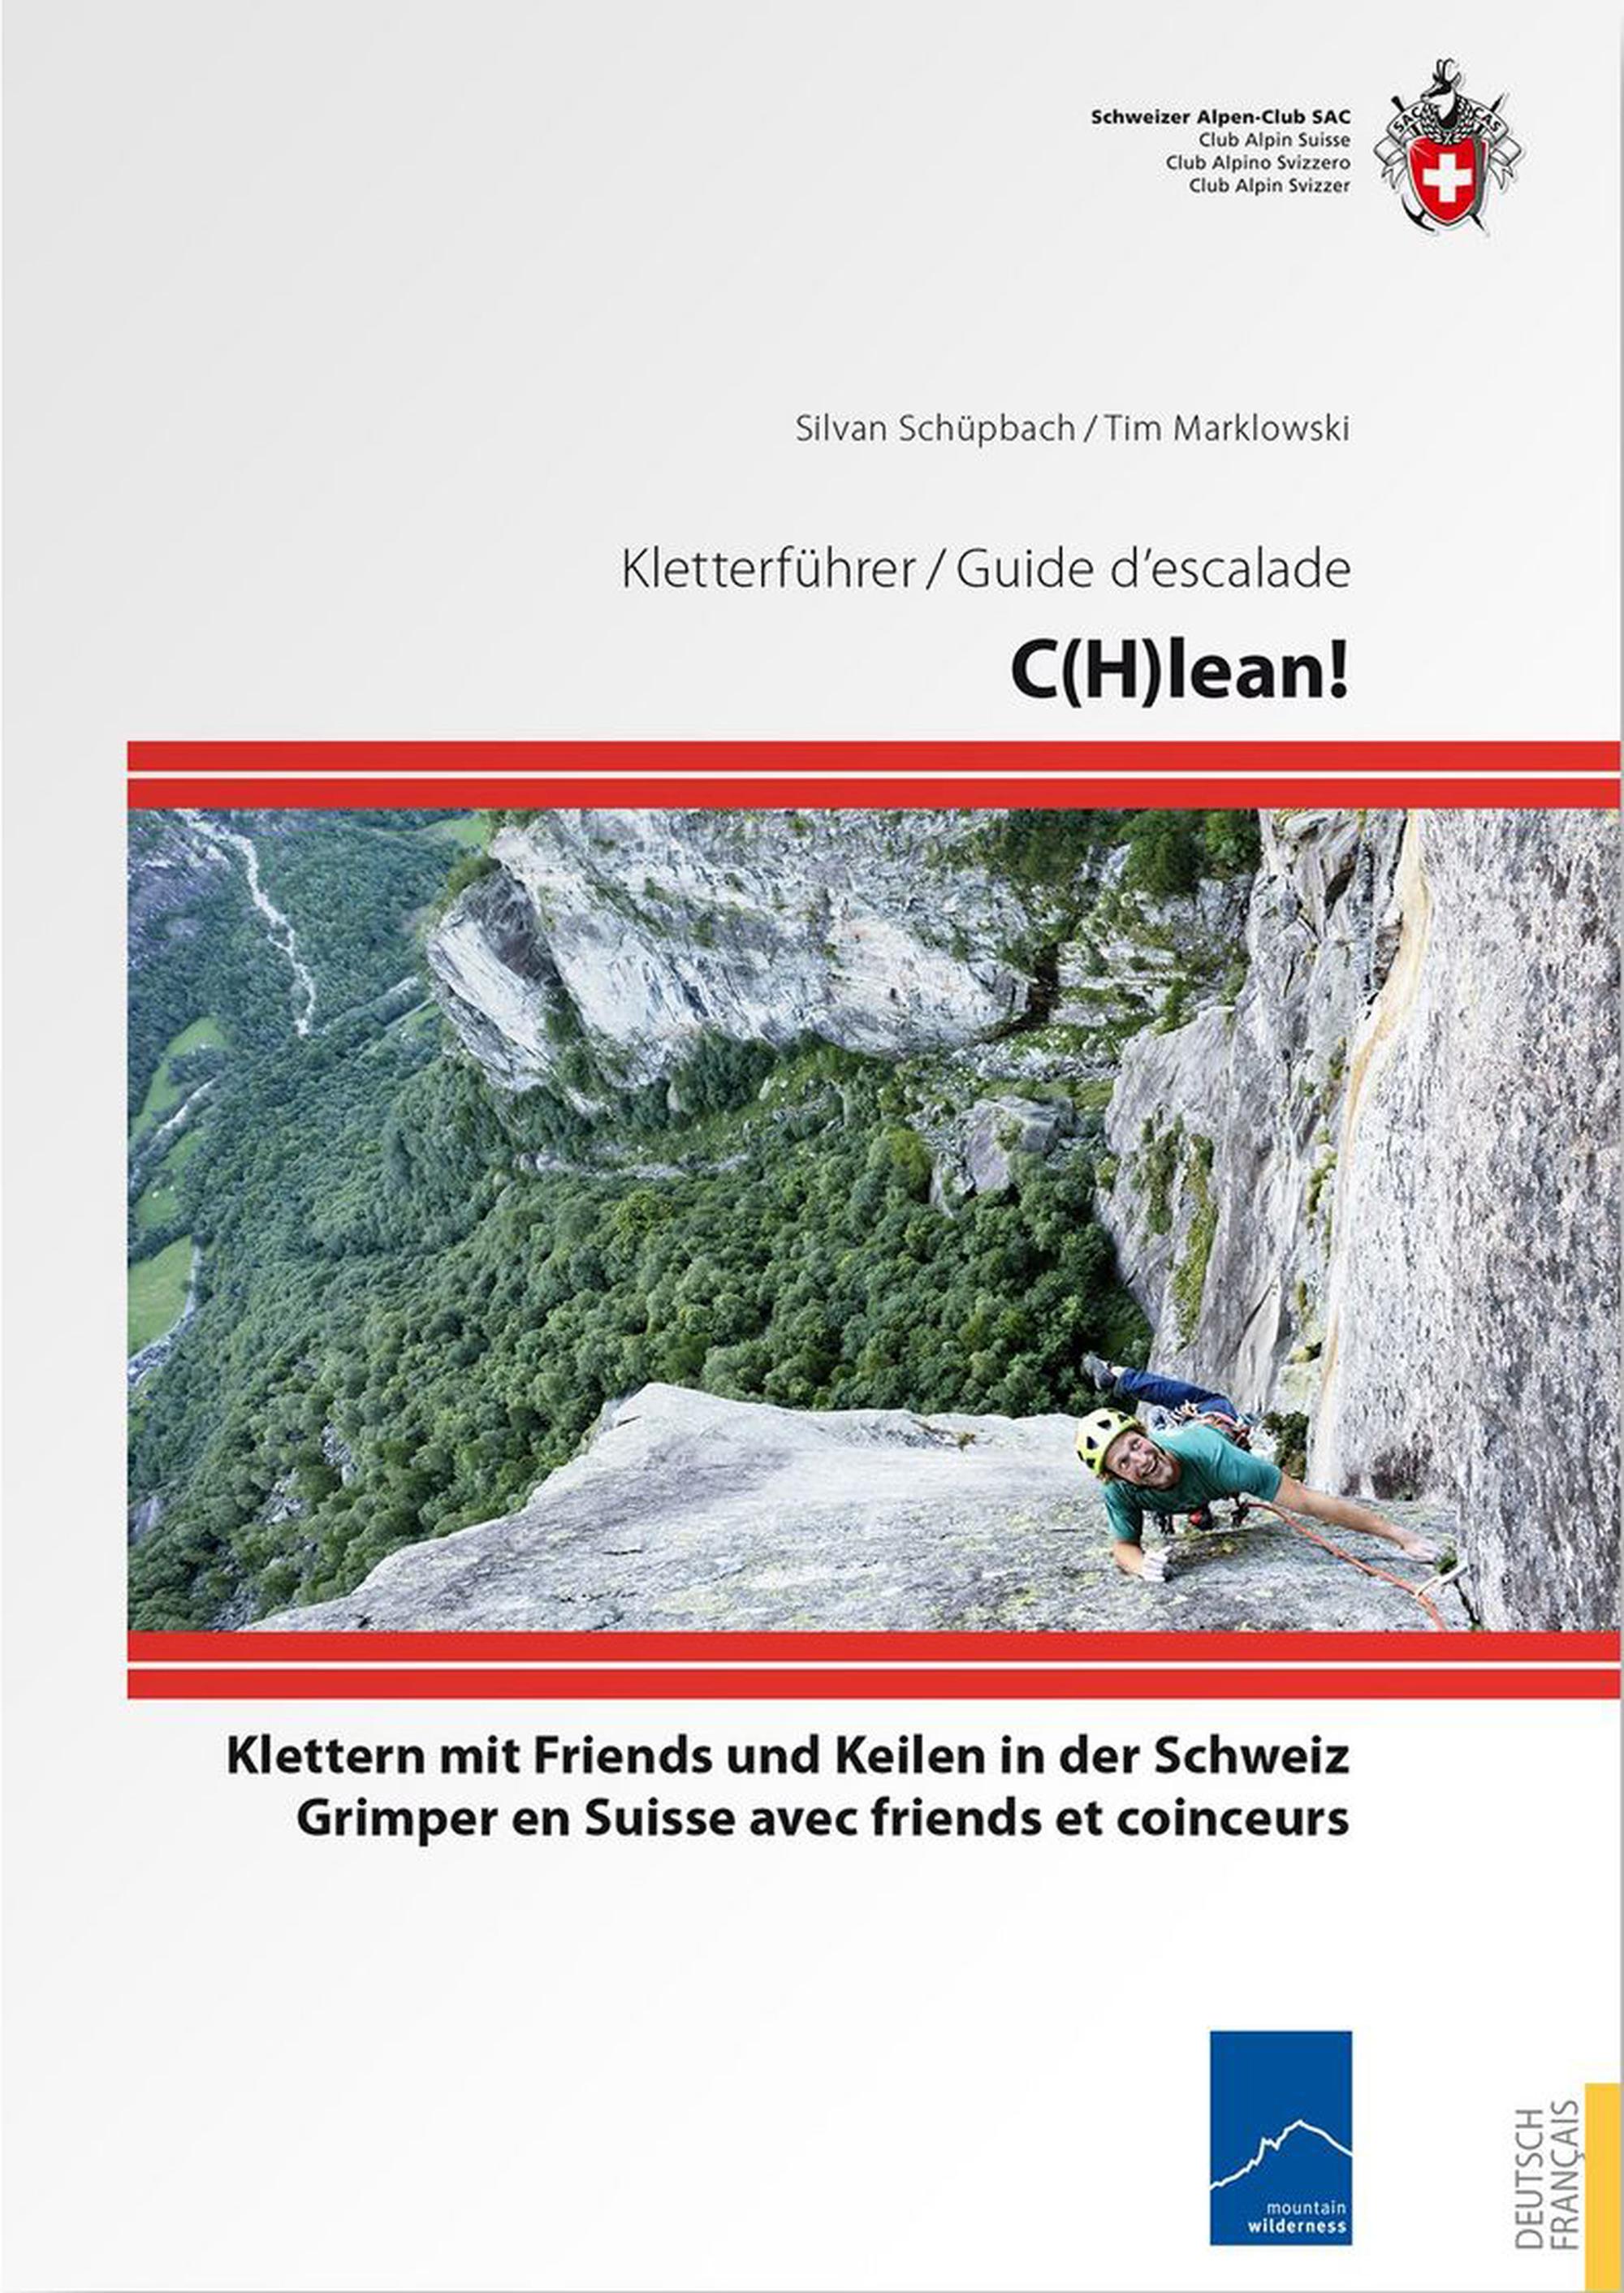 «C(h)lean. Klettern mit Friends und Keilen in der Schweiz»